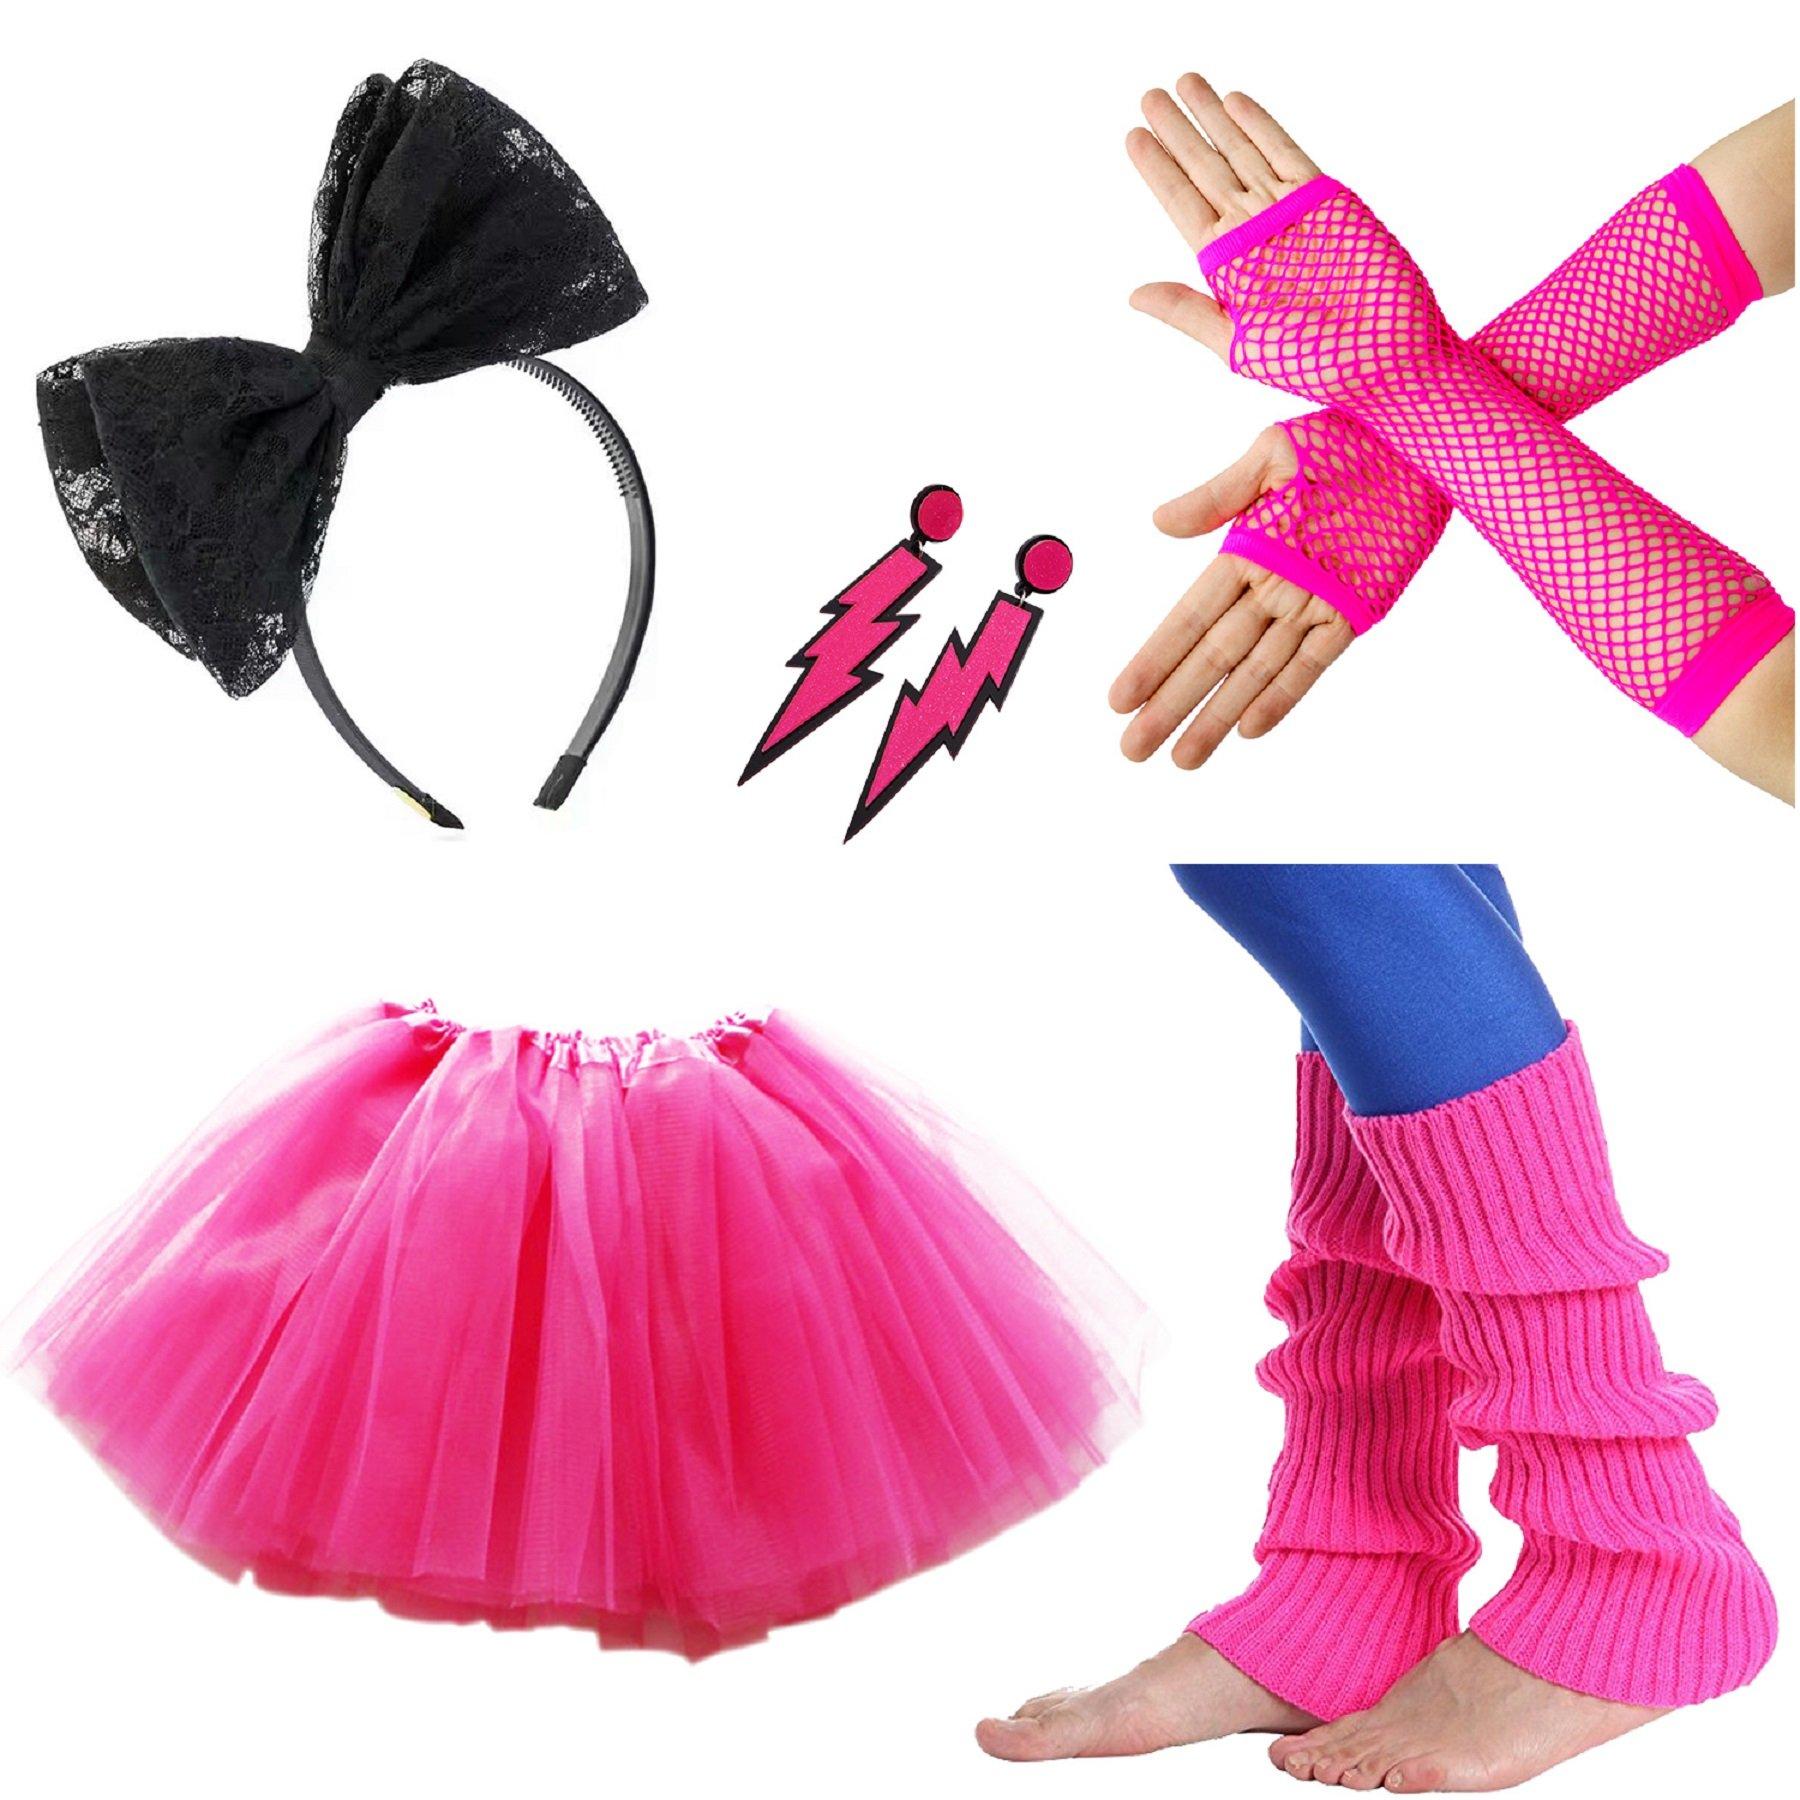 80s Fancy Dress Costume Accessories for Women Neon Earrings Leg Warmers Gloves